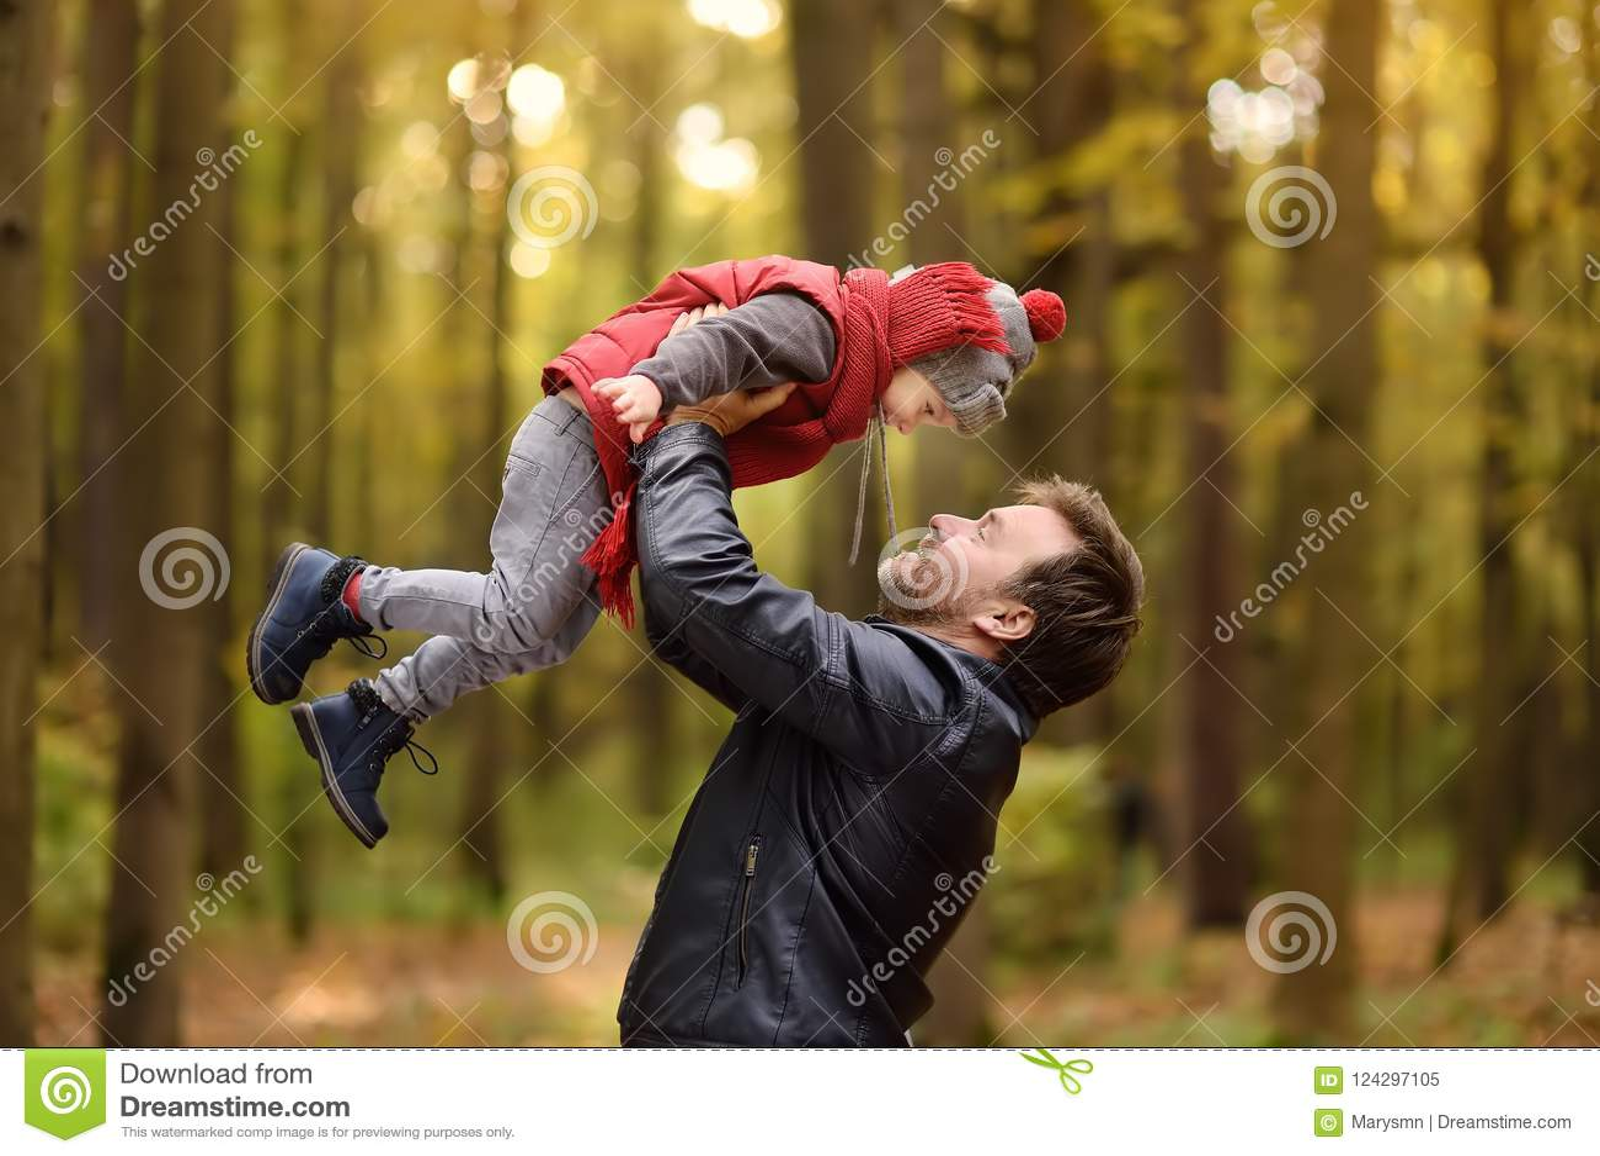 Μικρό παιδί με τον πατέρα του κατά τη διάρκεια του περίπατου στο δάσος